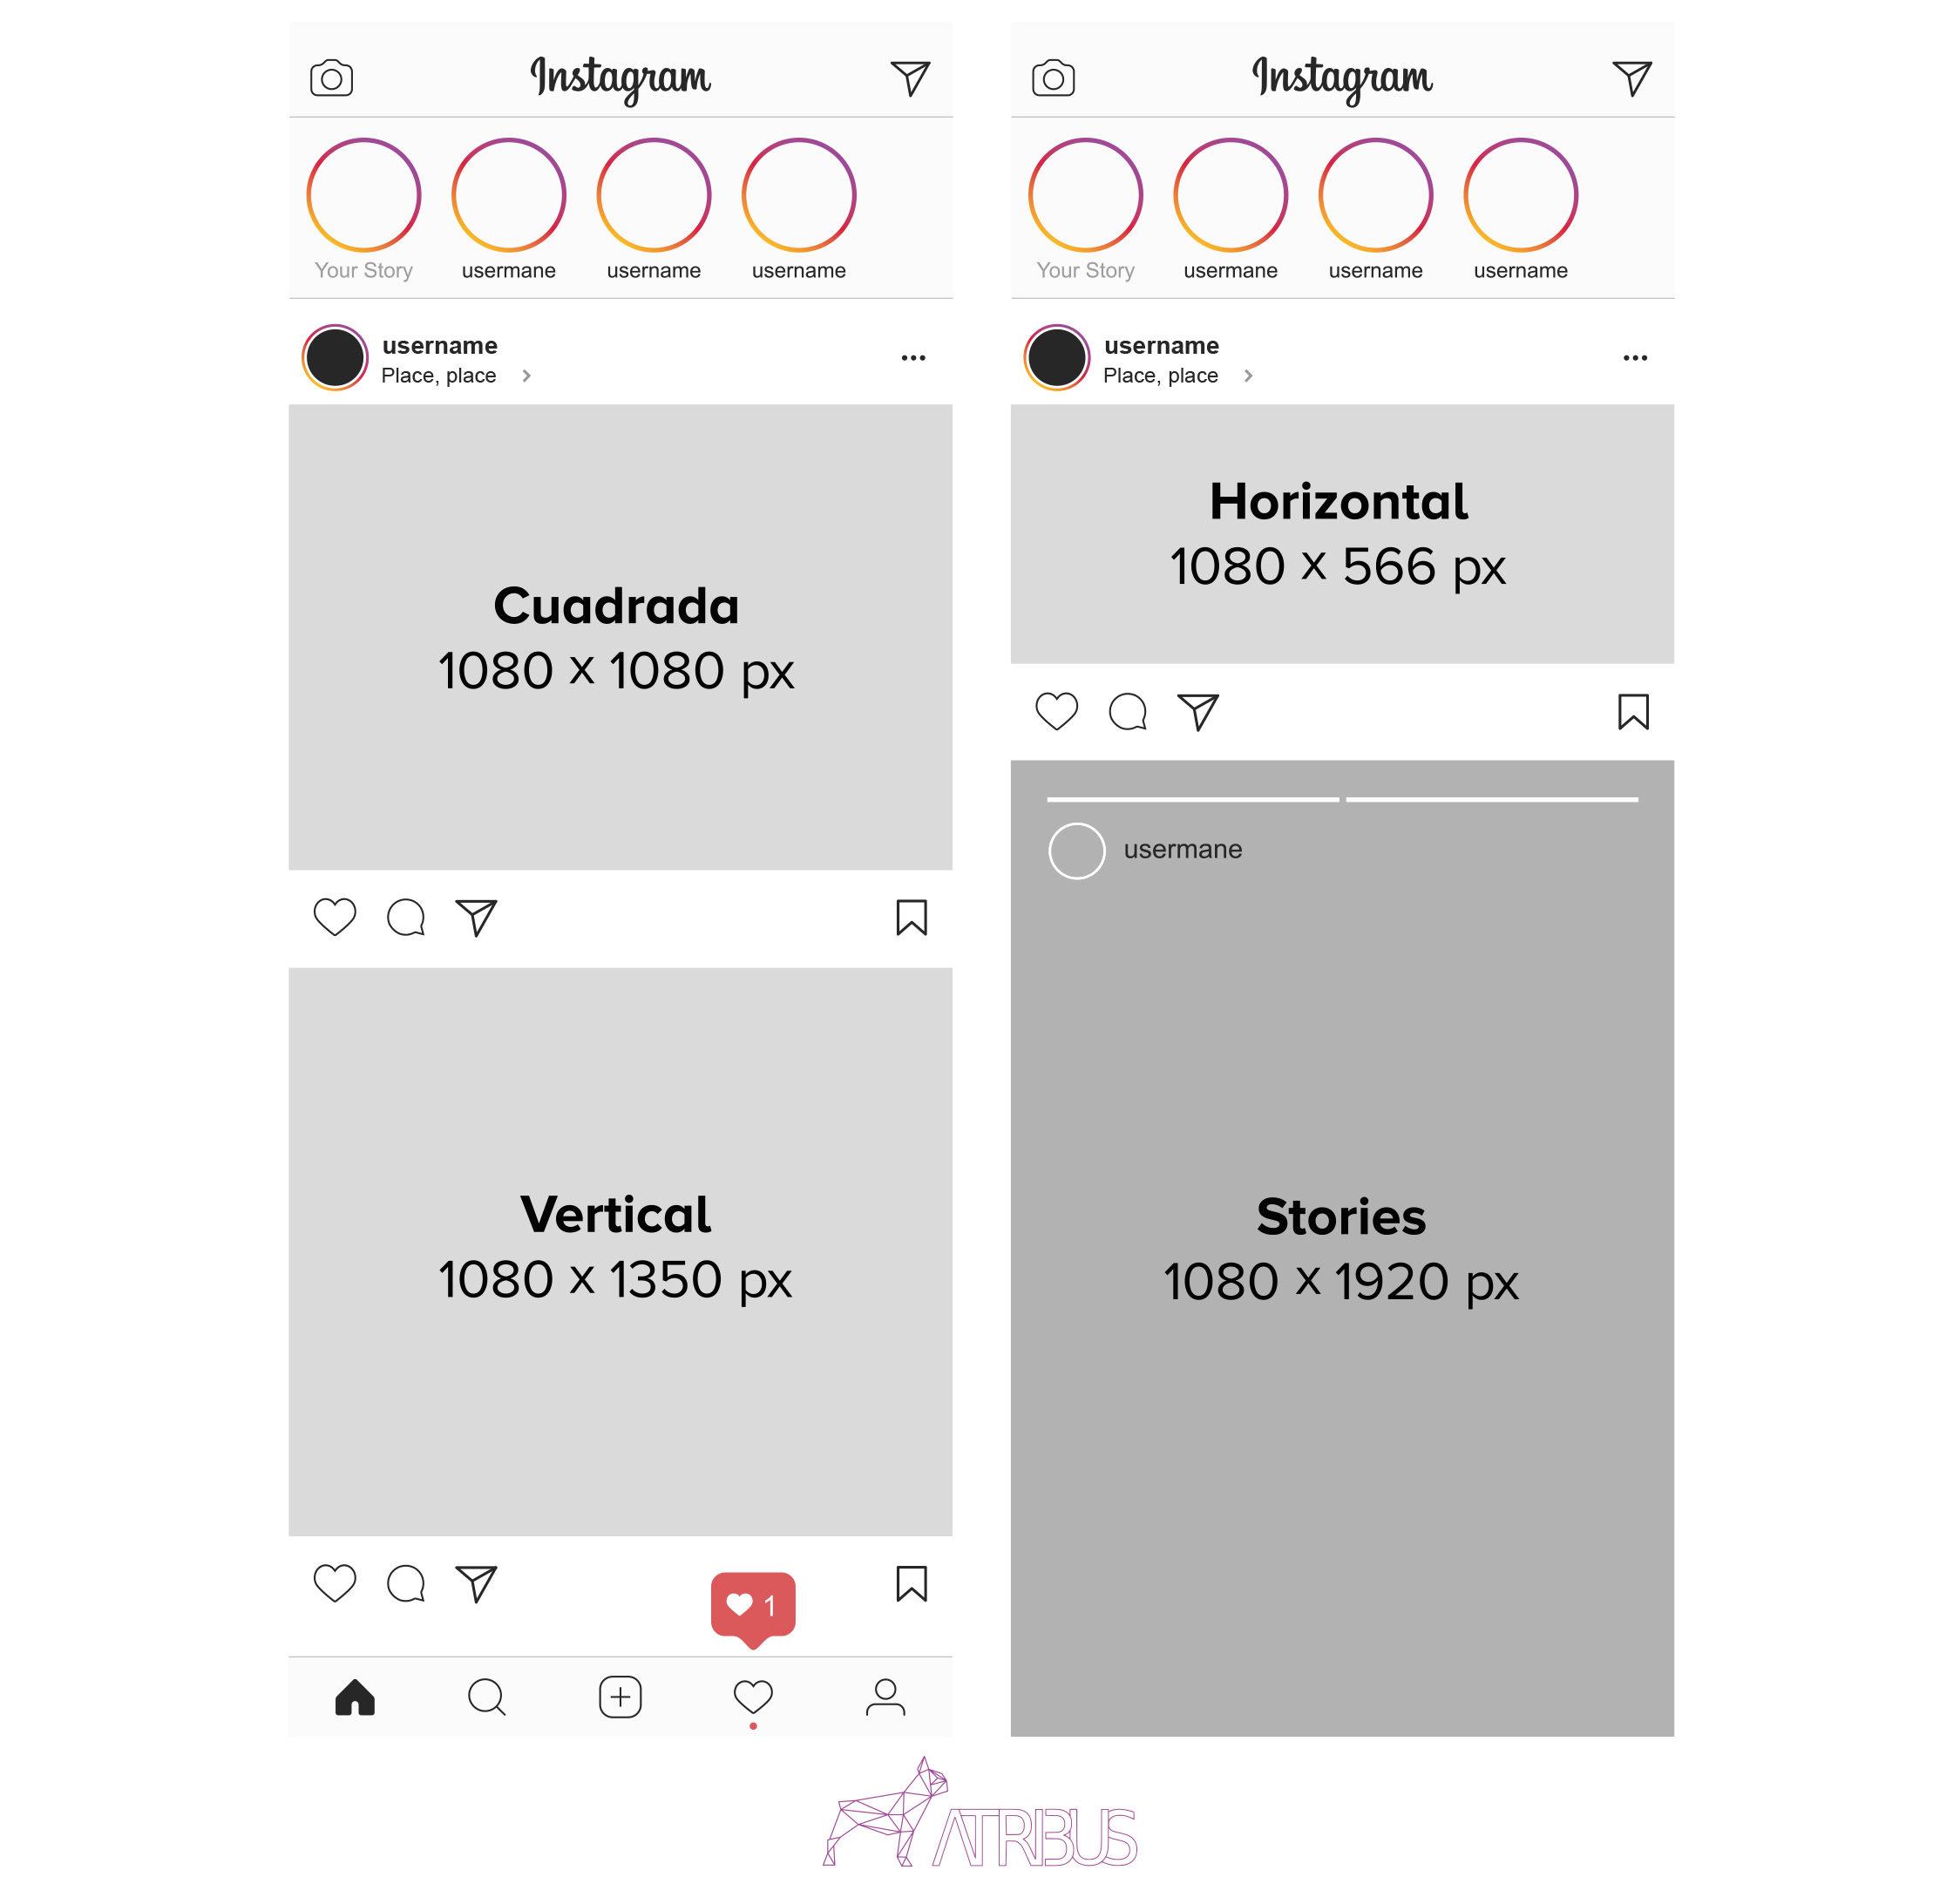 Guí tamaño de imágenes en Instagram 2019